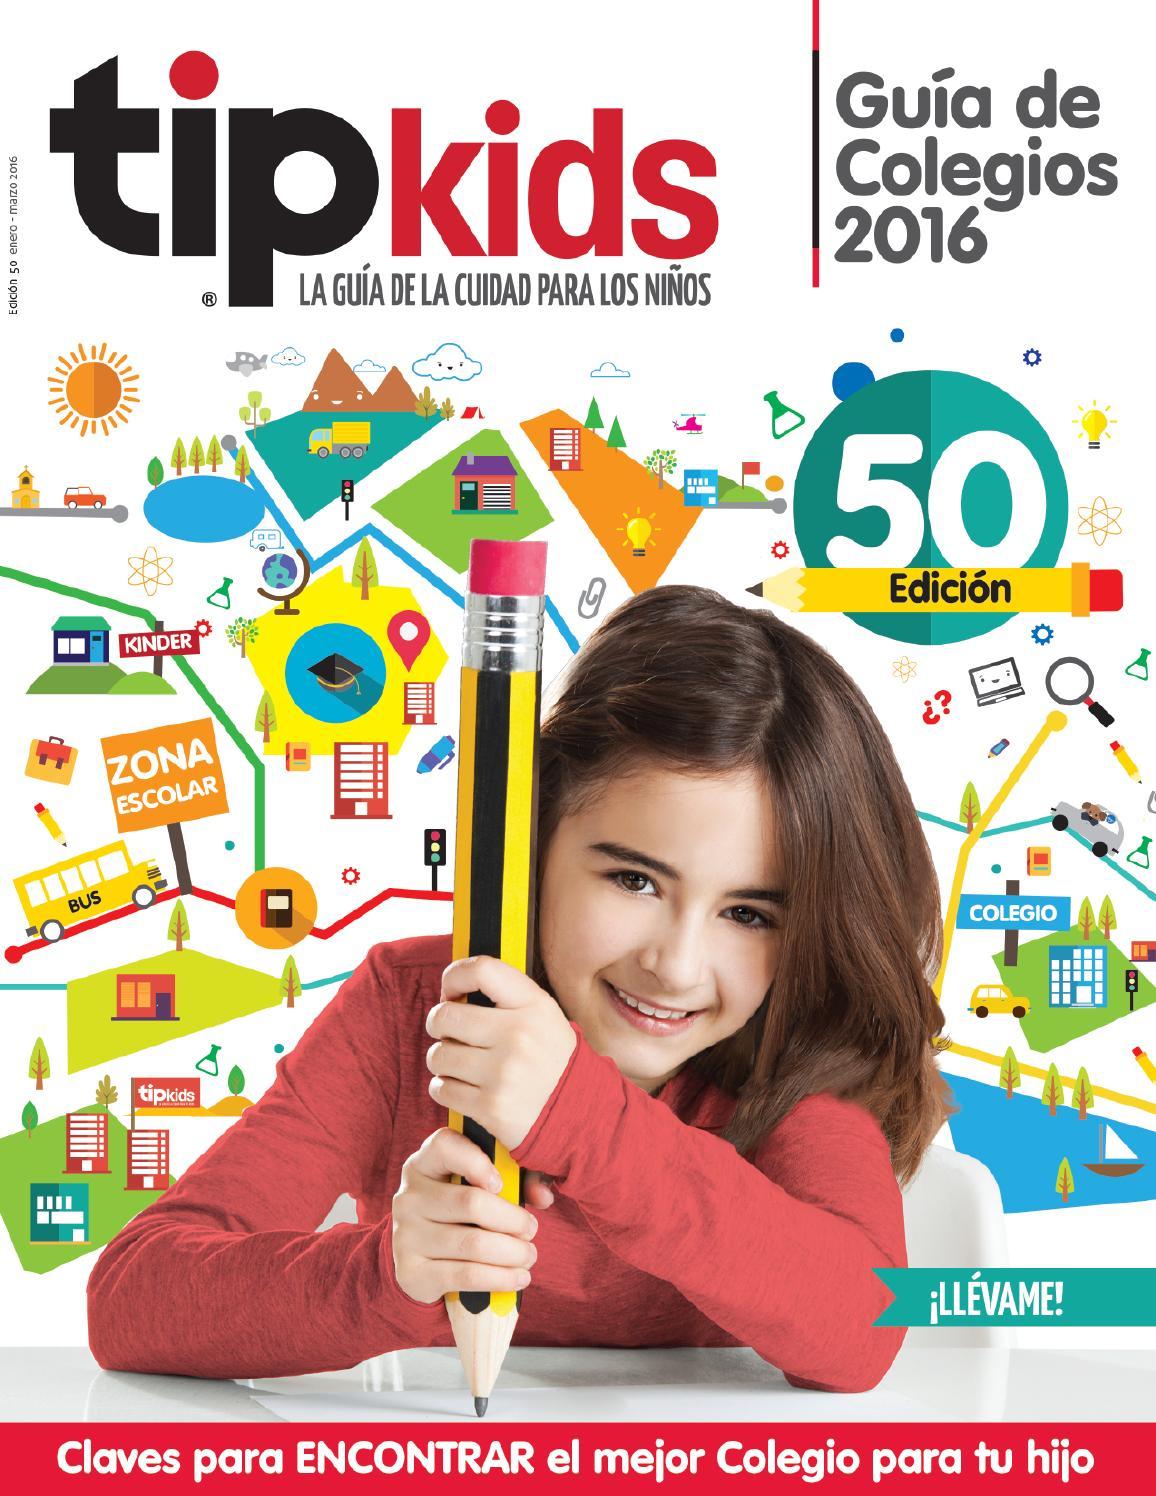 Tip Kids Ed.50 Guía de Colegios 2016 by Tip Kids - issuu